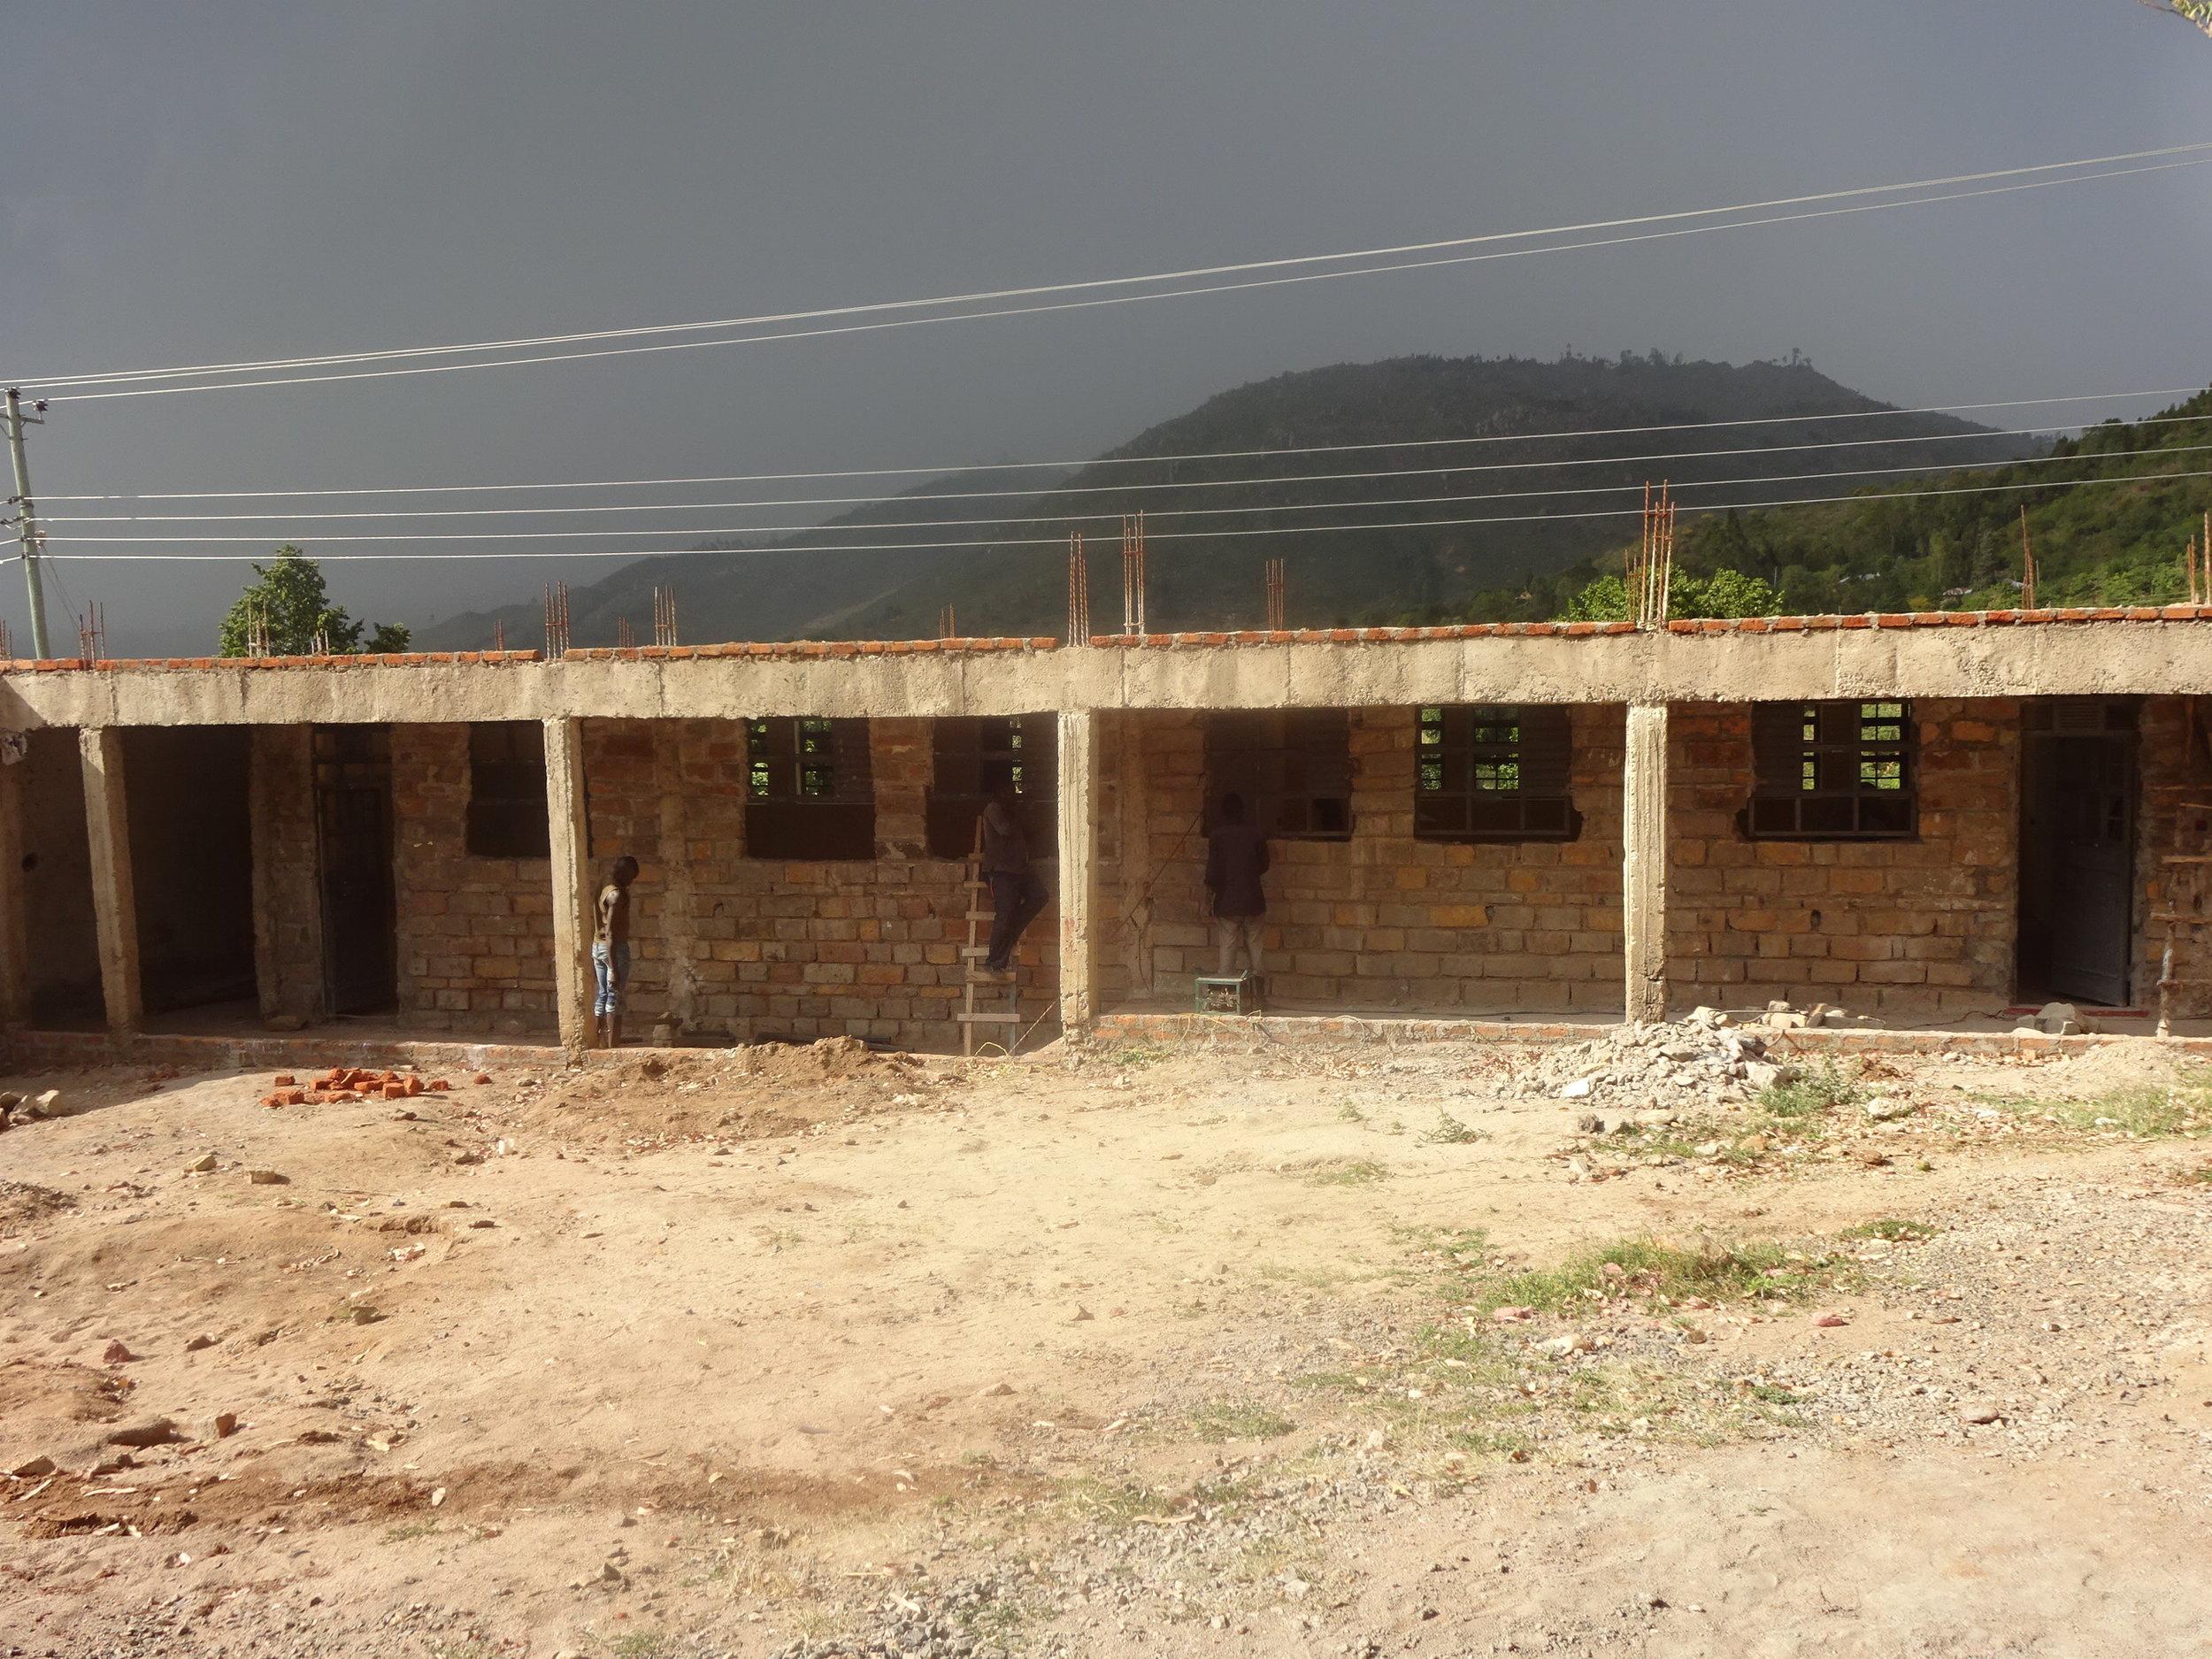 Looking Like A School!